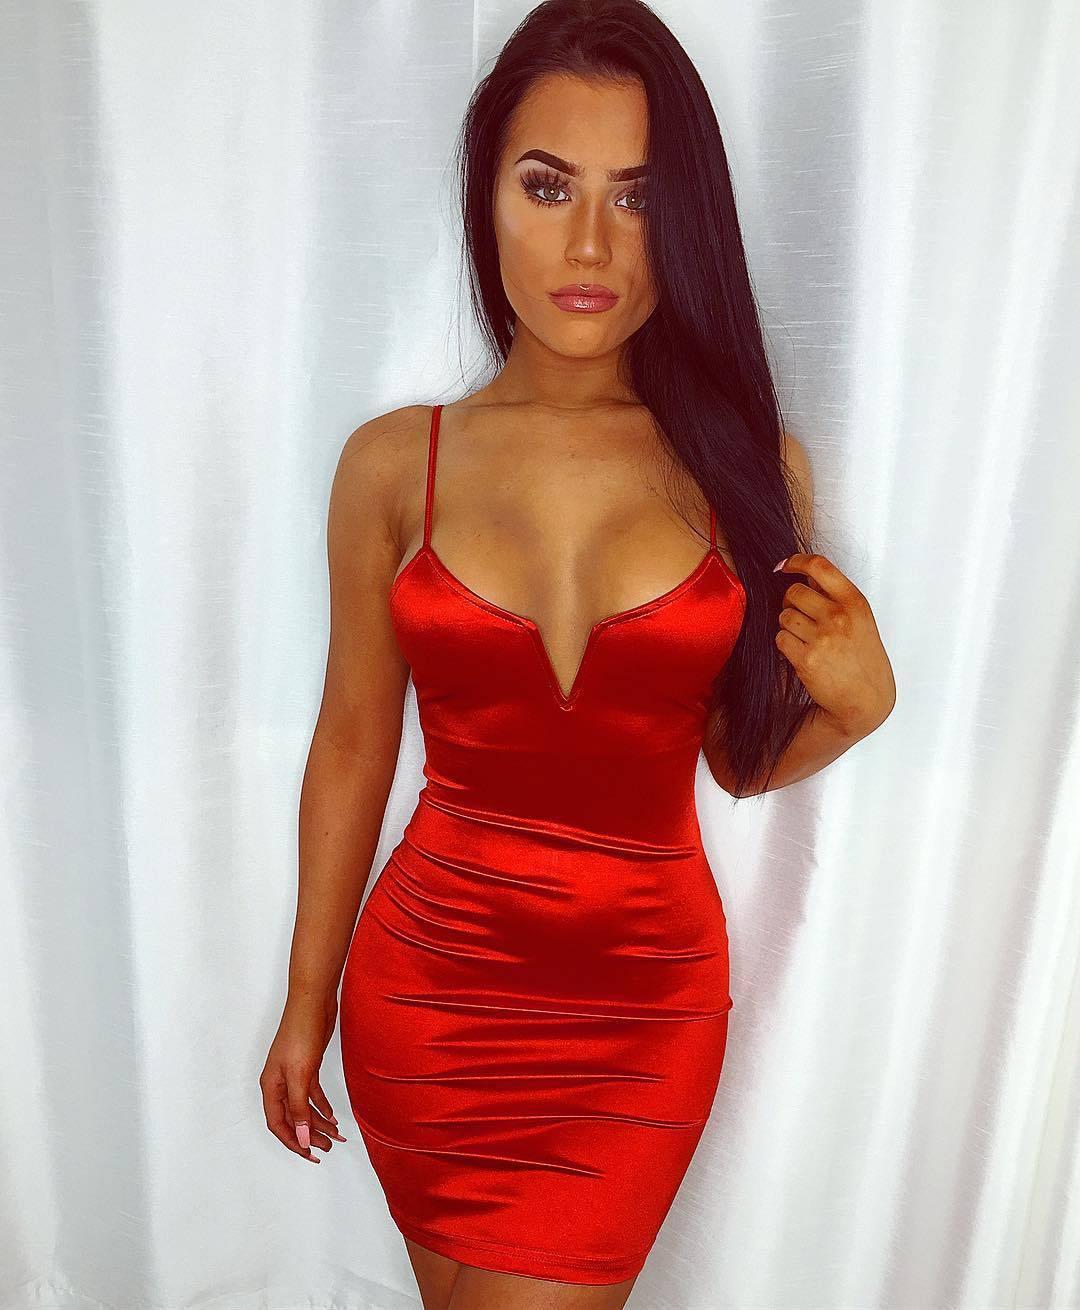 V Neck Red Dress 3